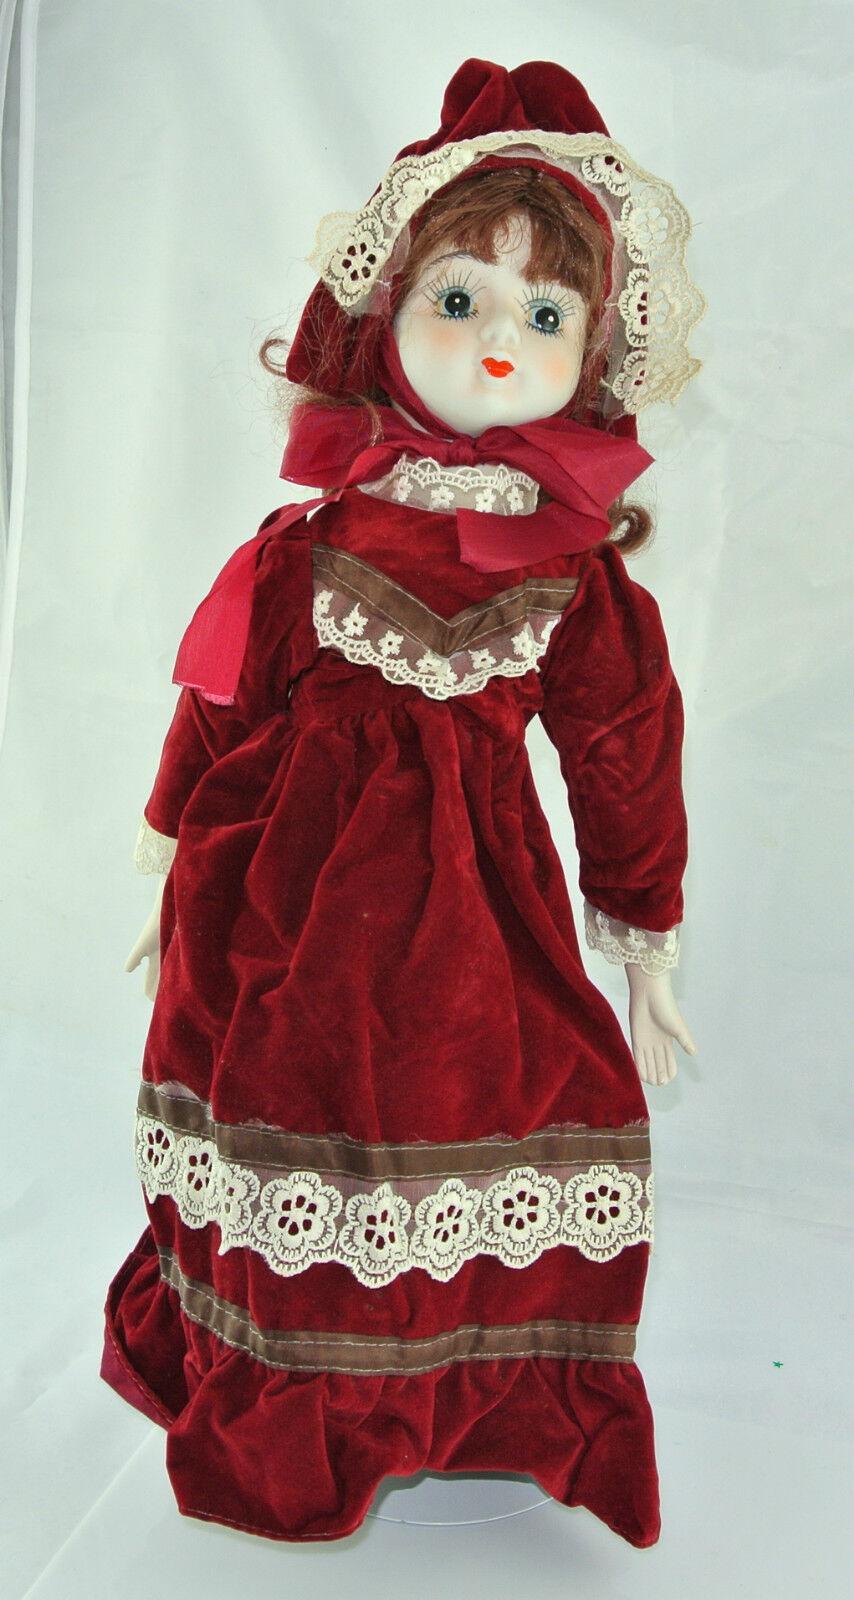 BAMBOLA con vestito rossoPORCELLANA testa & sostanza corpoca. 47 cm